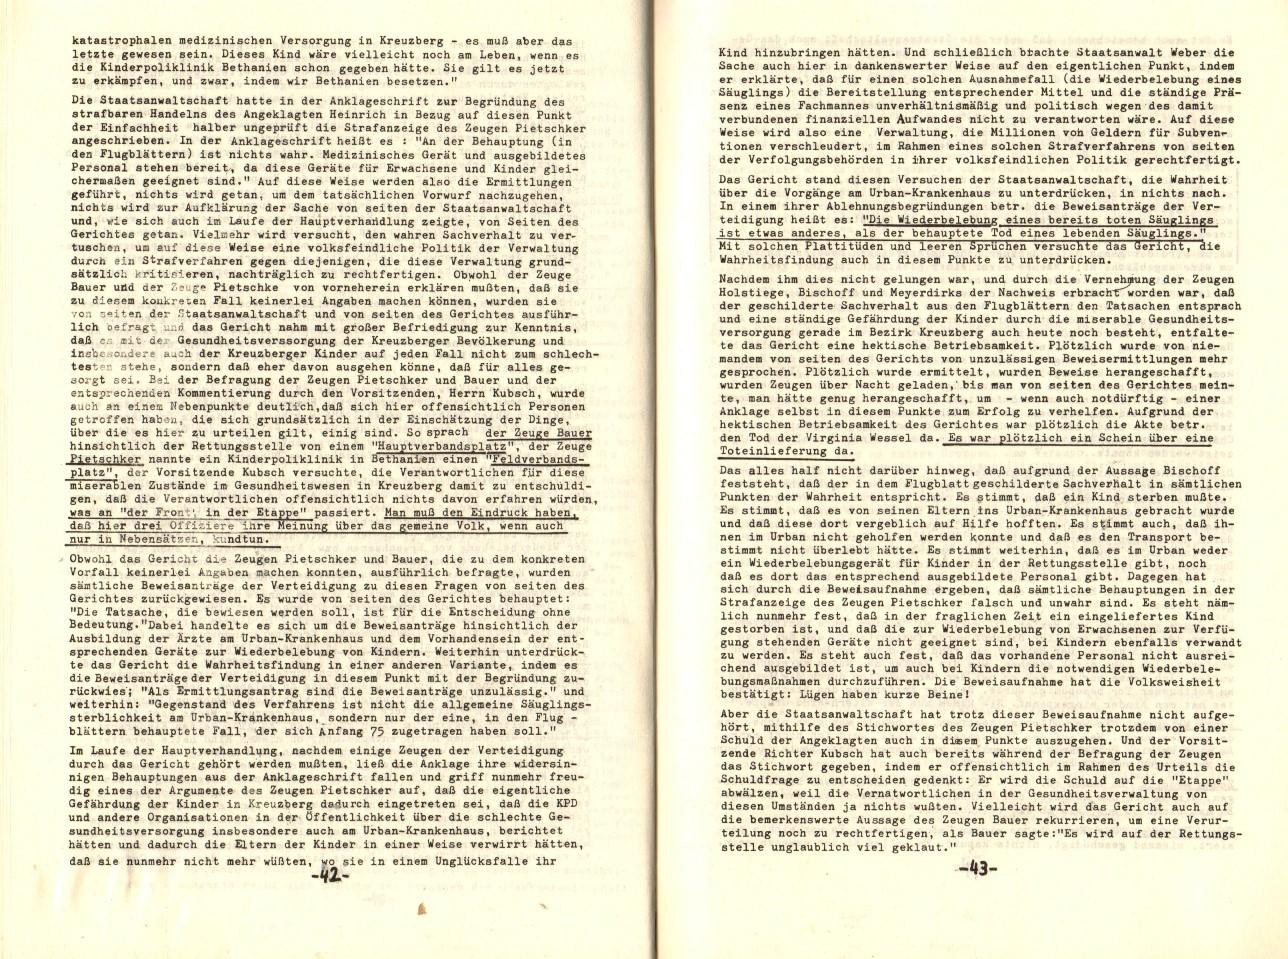 Berlin_KPD_1976_Staatsschutzprozess02_23